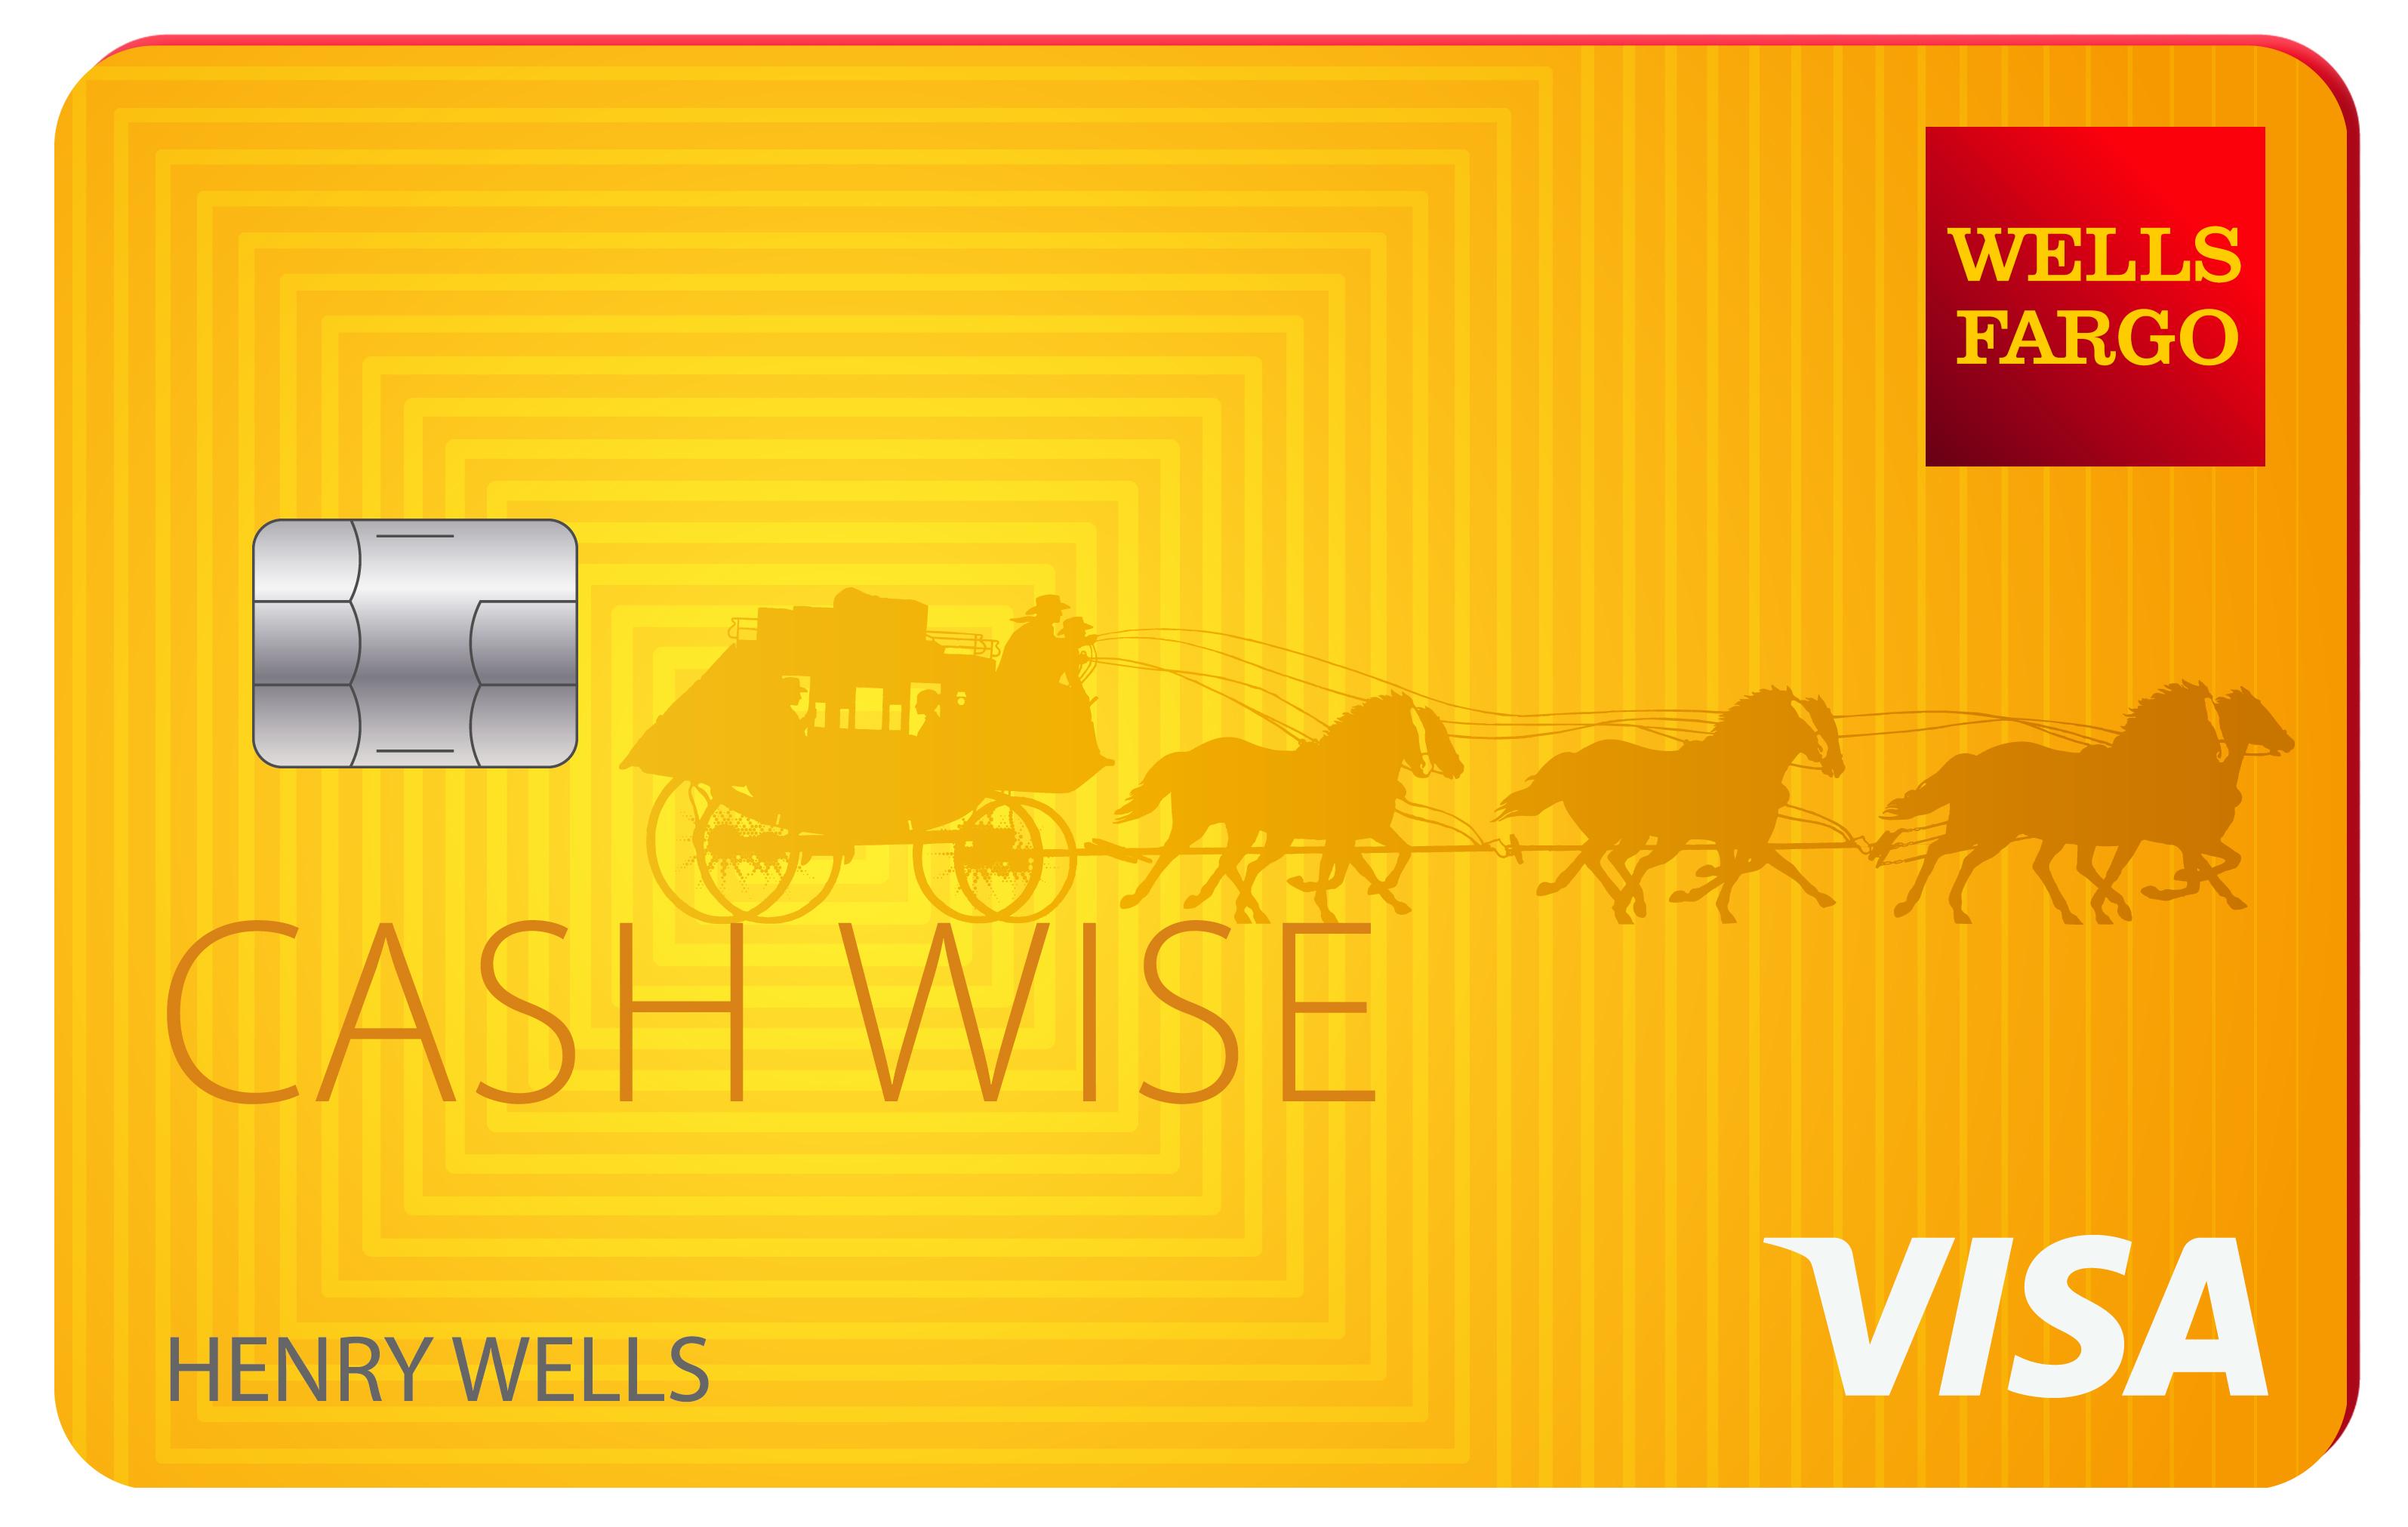 Wells Fargo cartão instantâneo fácil pay